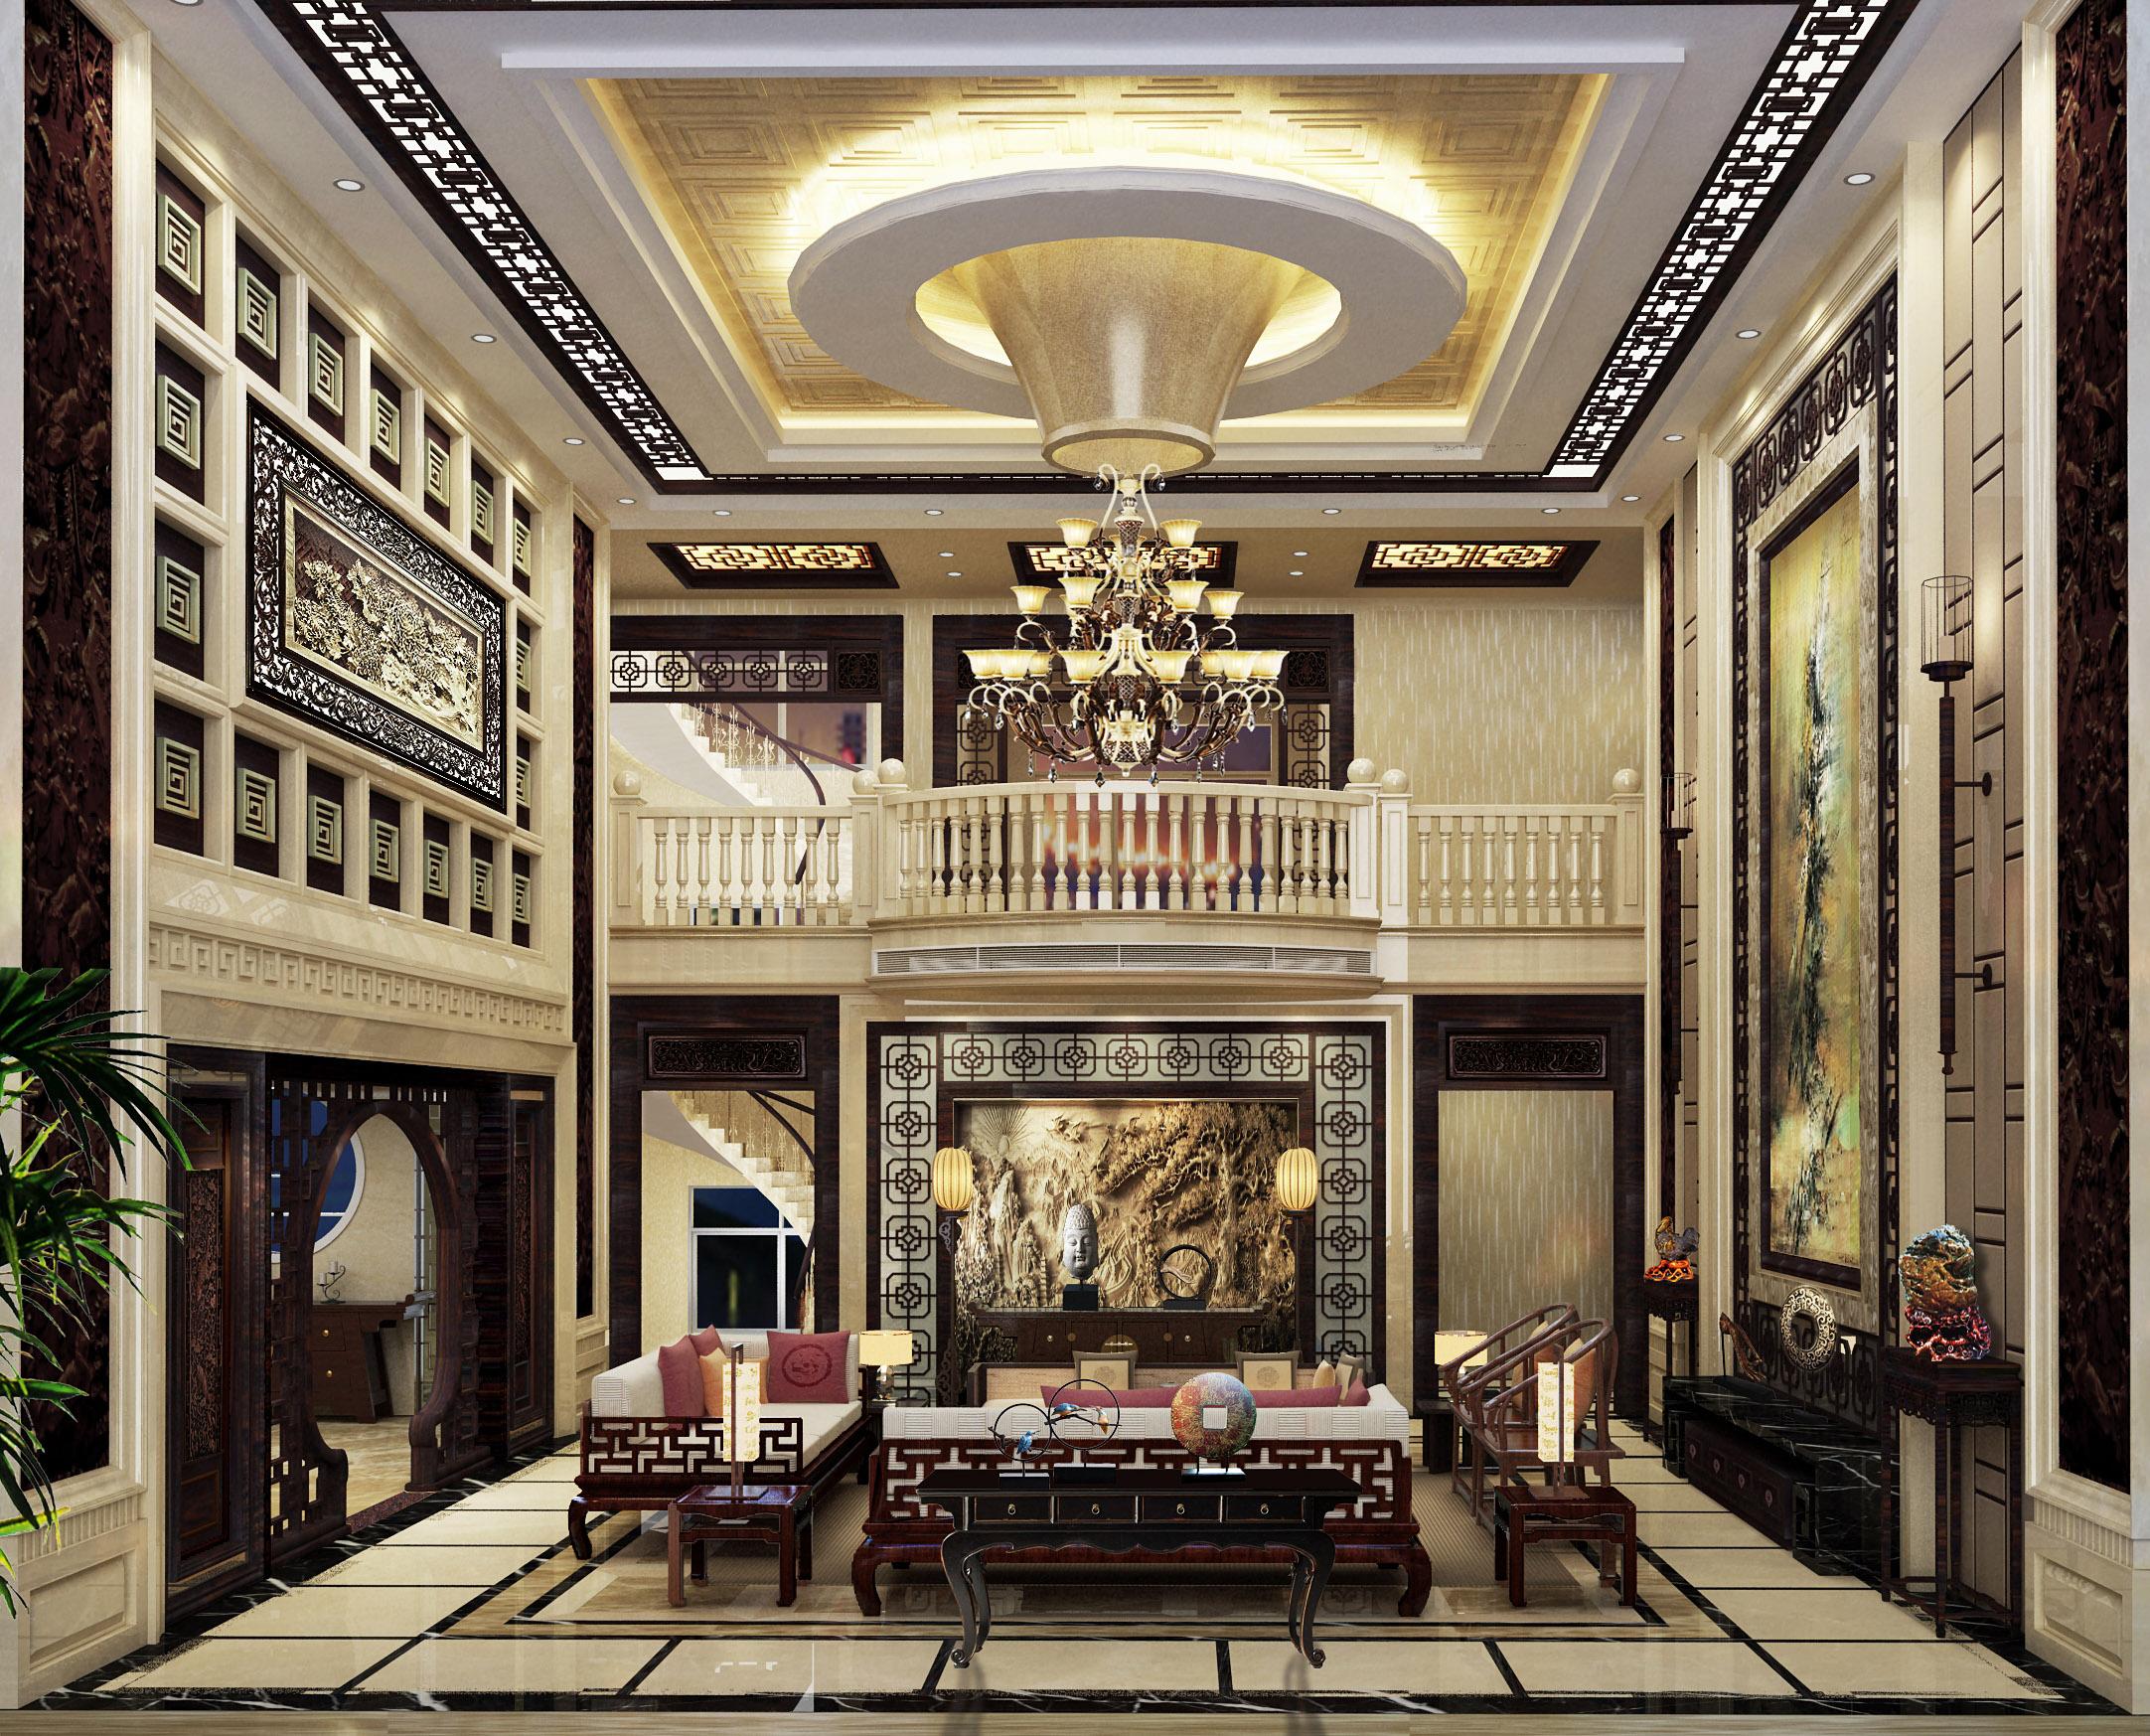 高明中式别墅室内设计